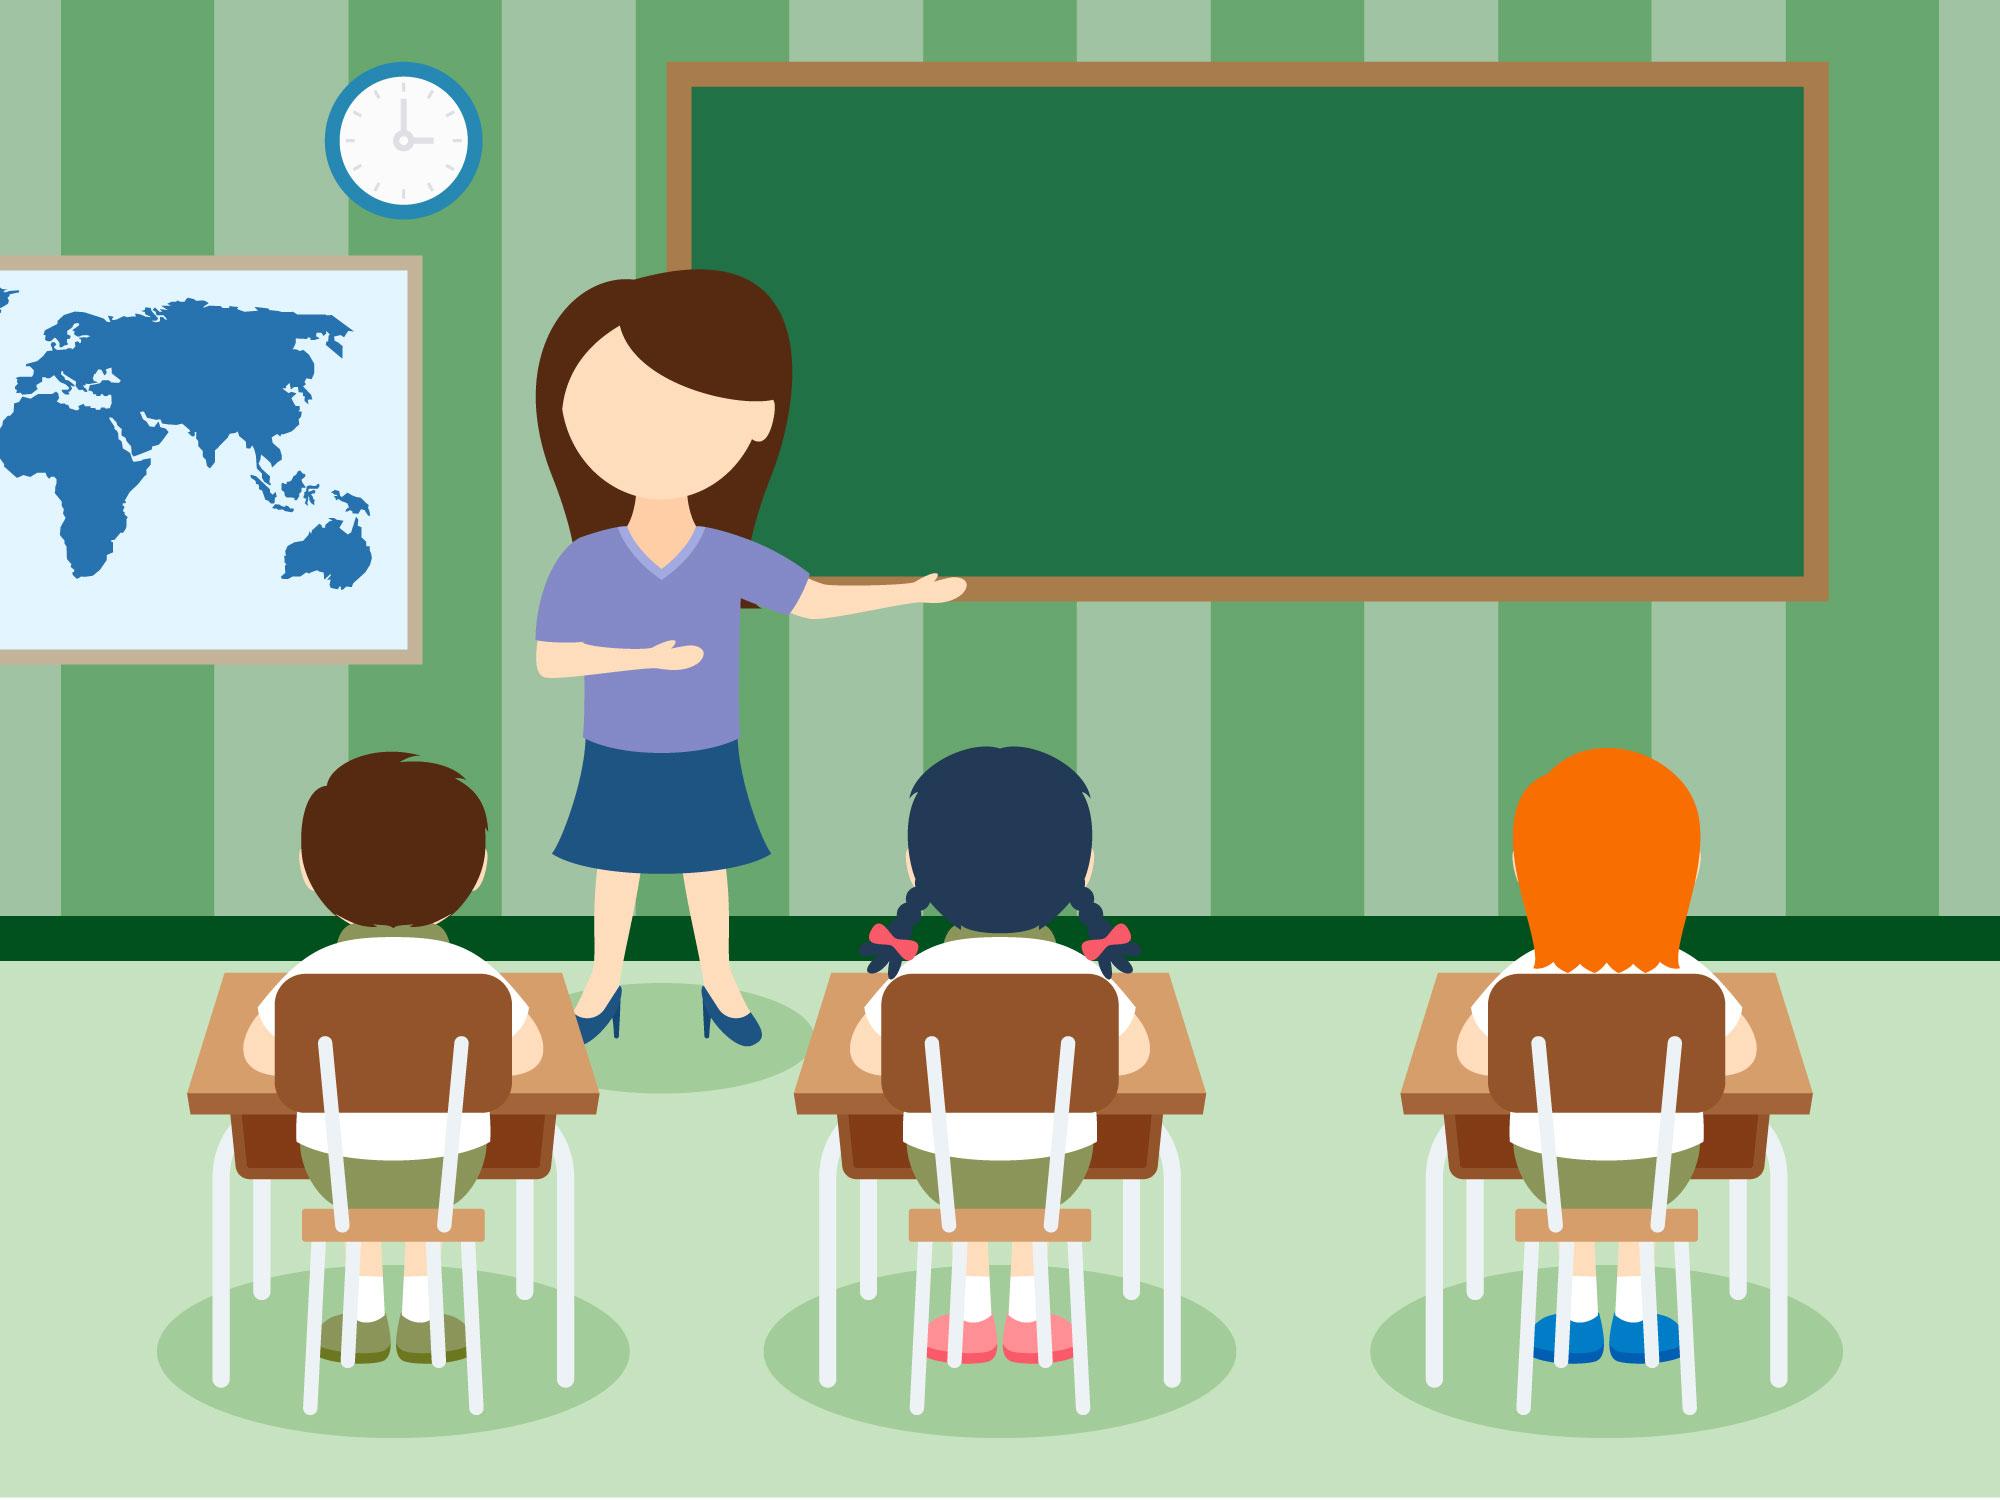 Unique Classroom With Kids Vectors - Download Free Vectors ...